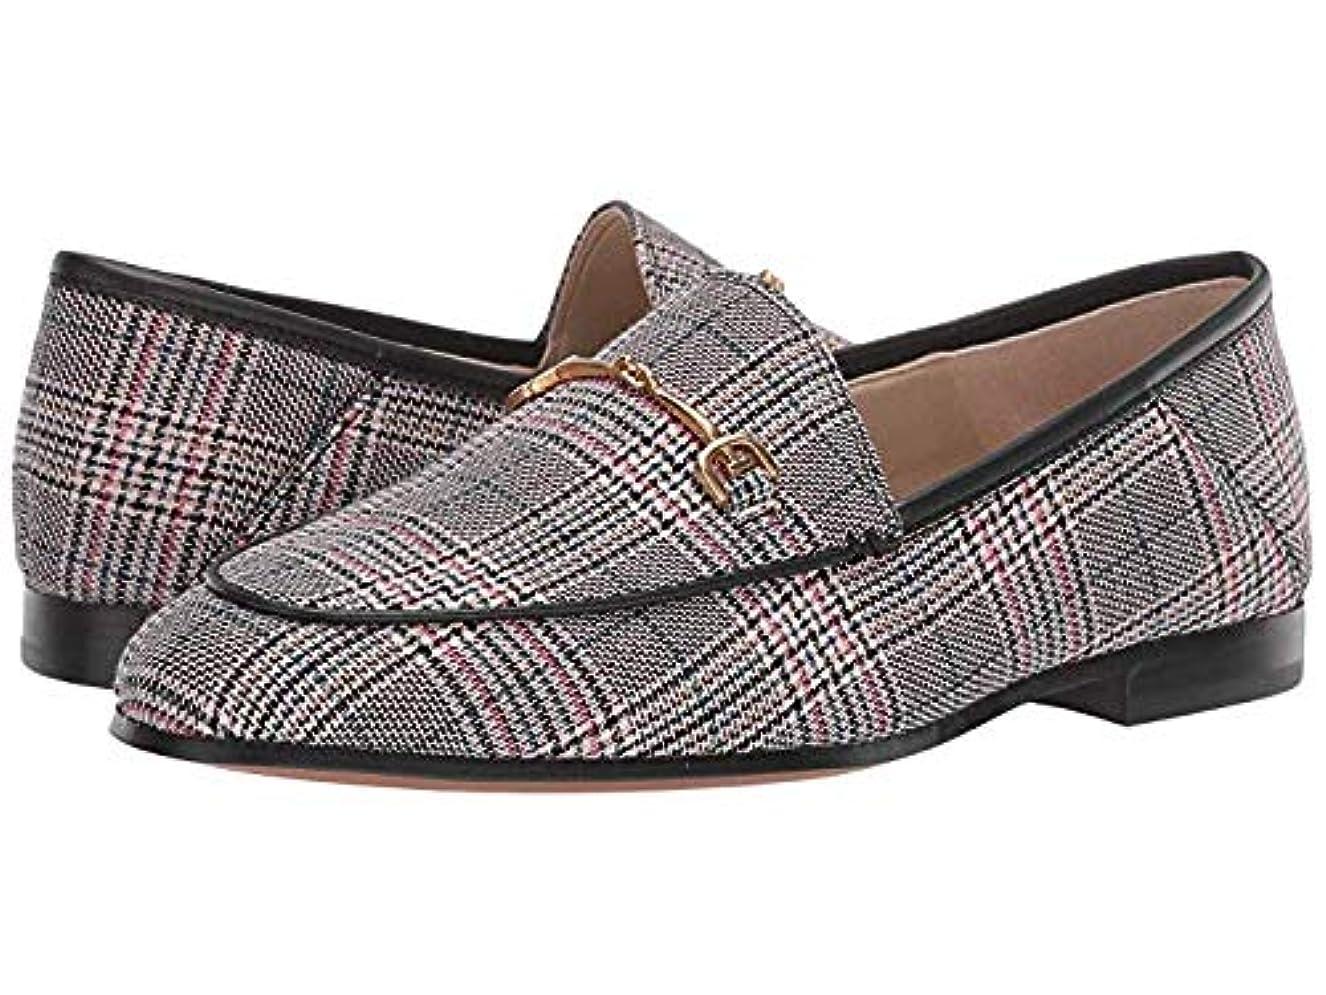 人類ダイヤモンドトレーニング[Sam Edelman(サムエデルマン)] レディースローファー?靴 Loraine Loafer Black/White/Pink Multi Plaid Bale Fabric (23.5cm) M [並行輸入品]